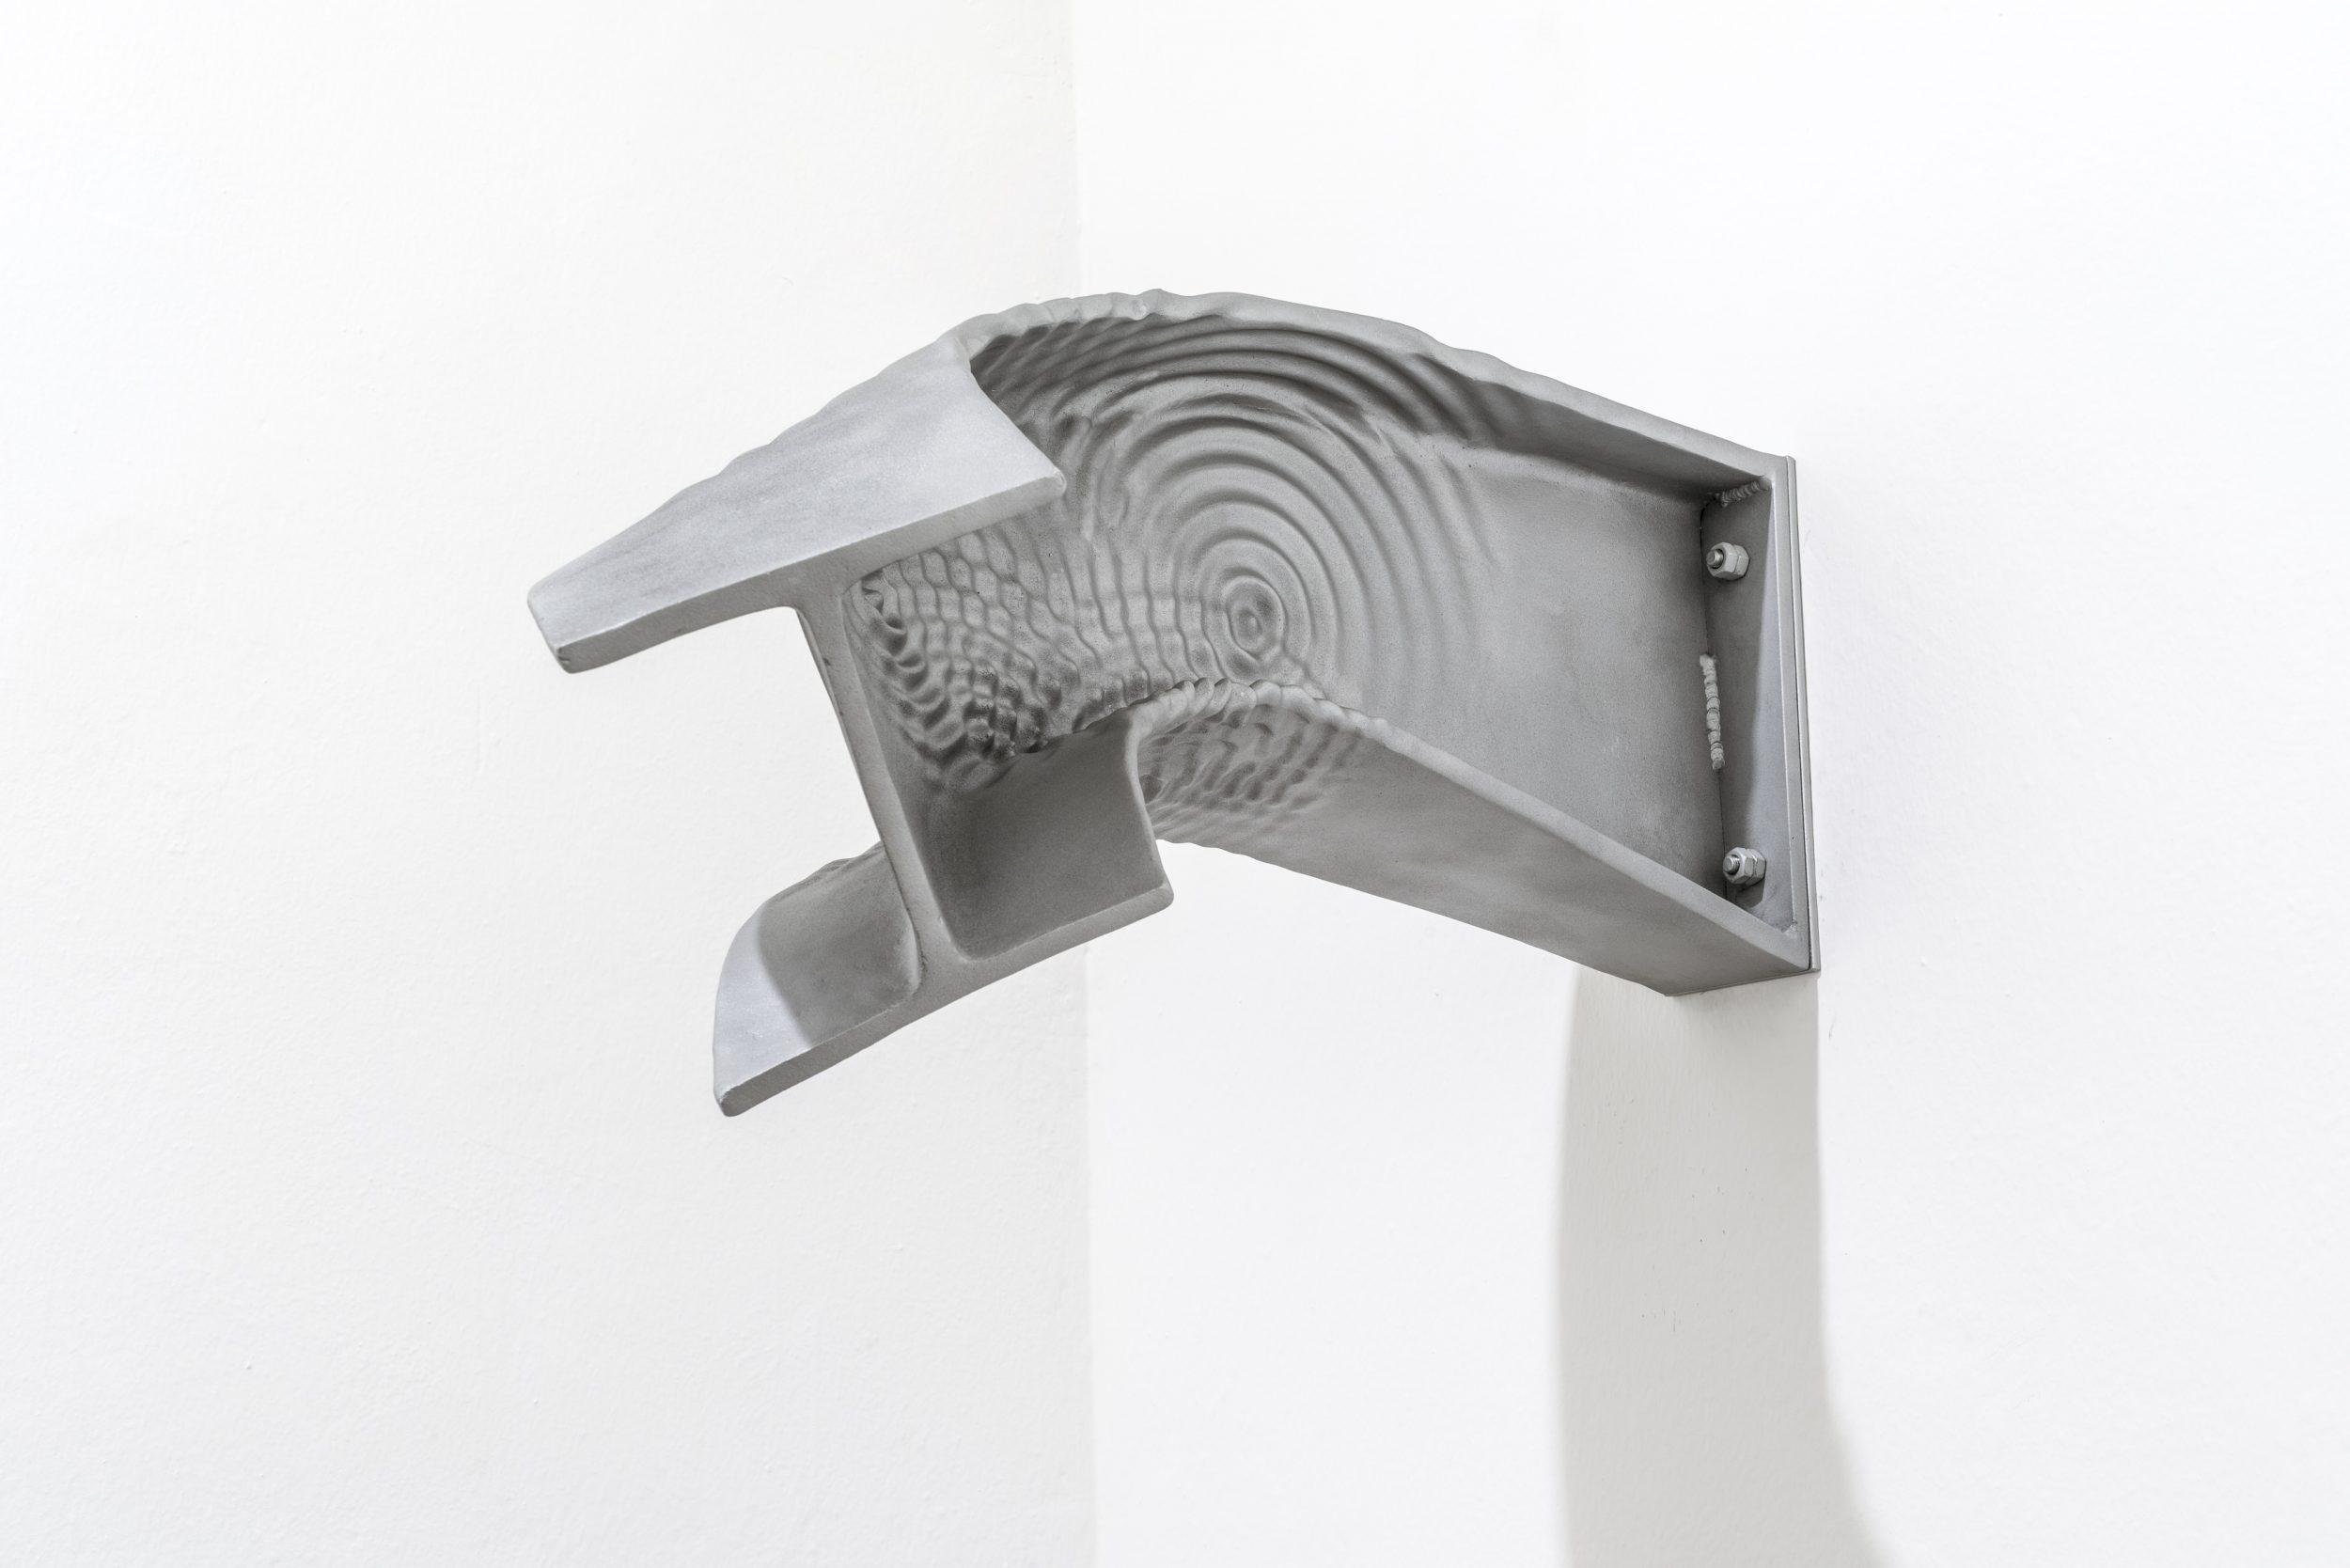 Telluric Geometry I, 2018, casted aluminium, 30 x 50 x 80 cm